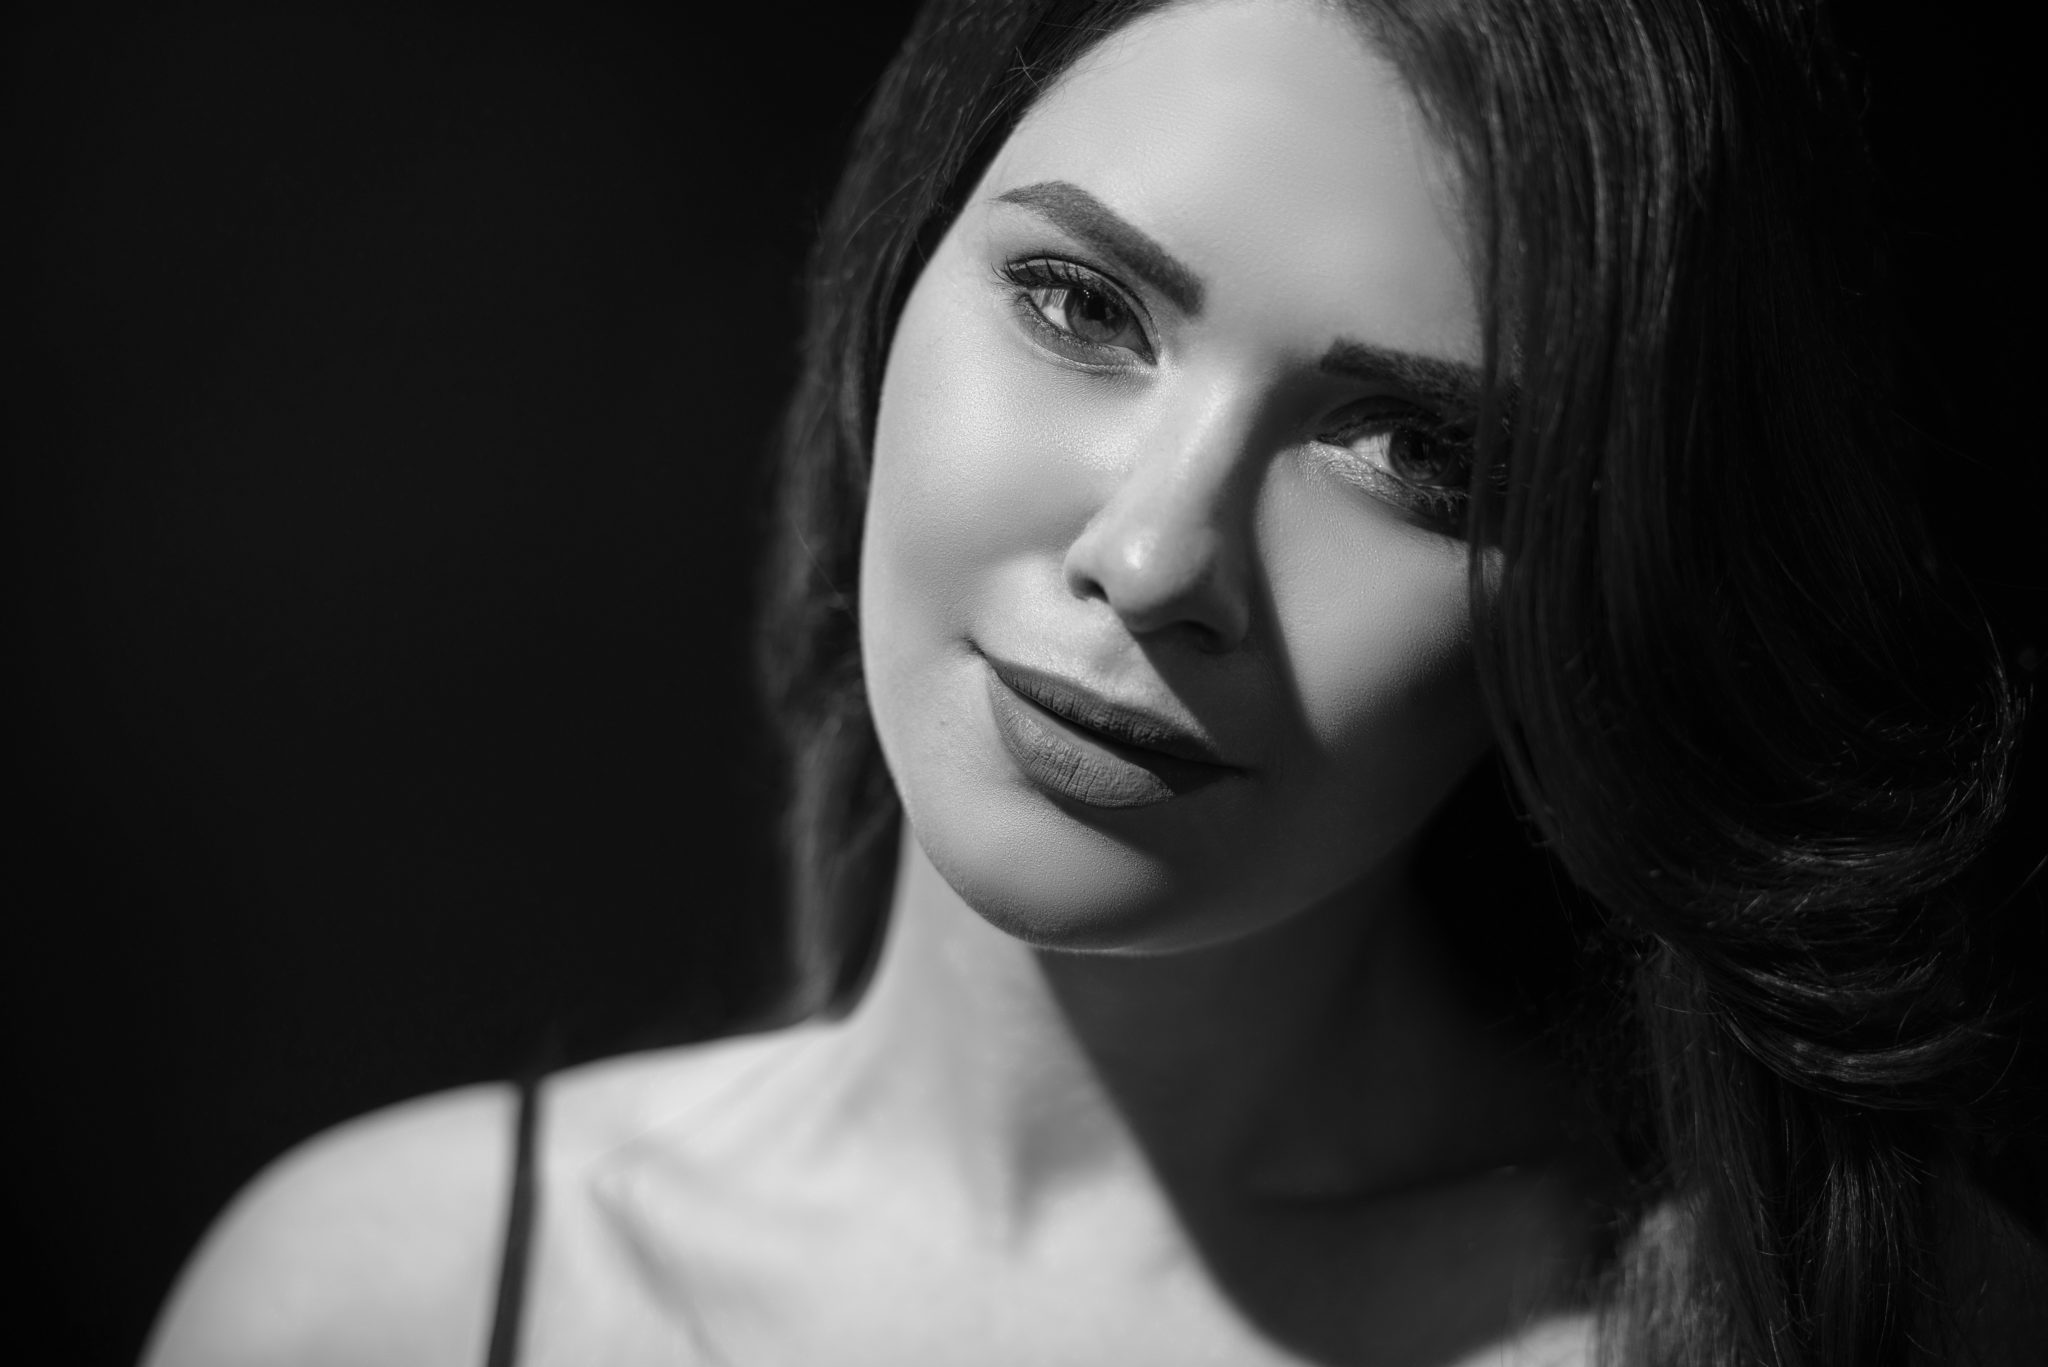 Фотосессия в стиле аркур (Harcourt), фотограф Постникова, модель Олашина